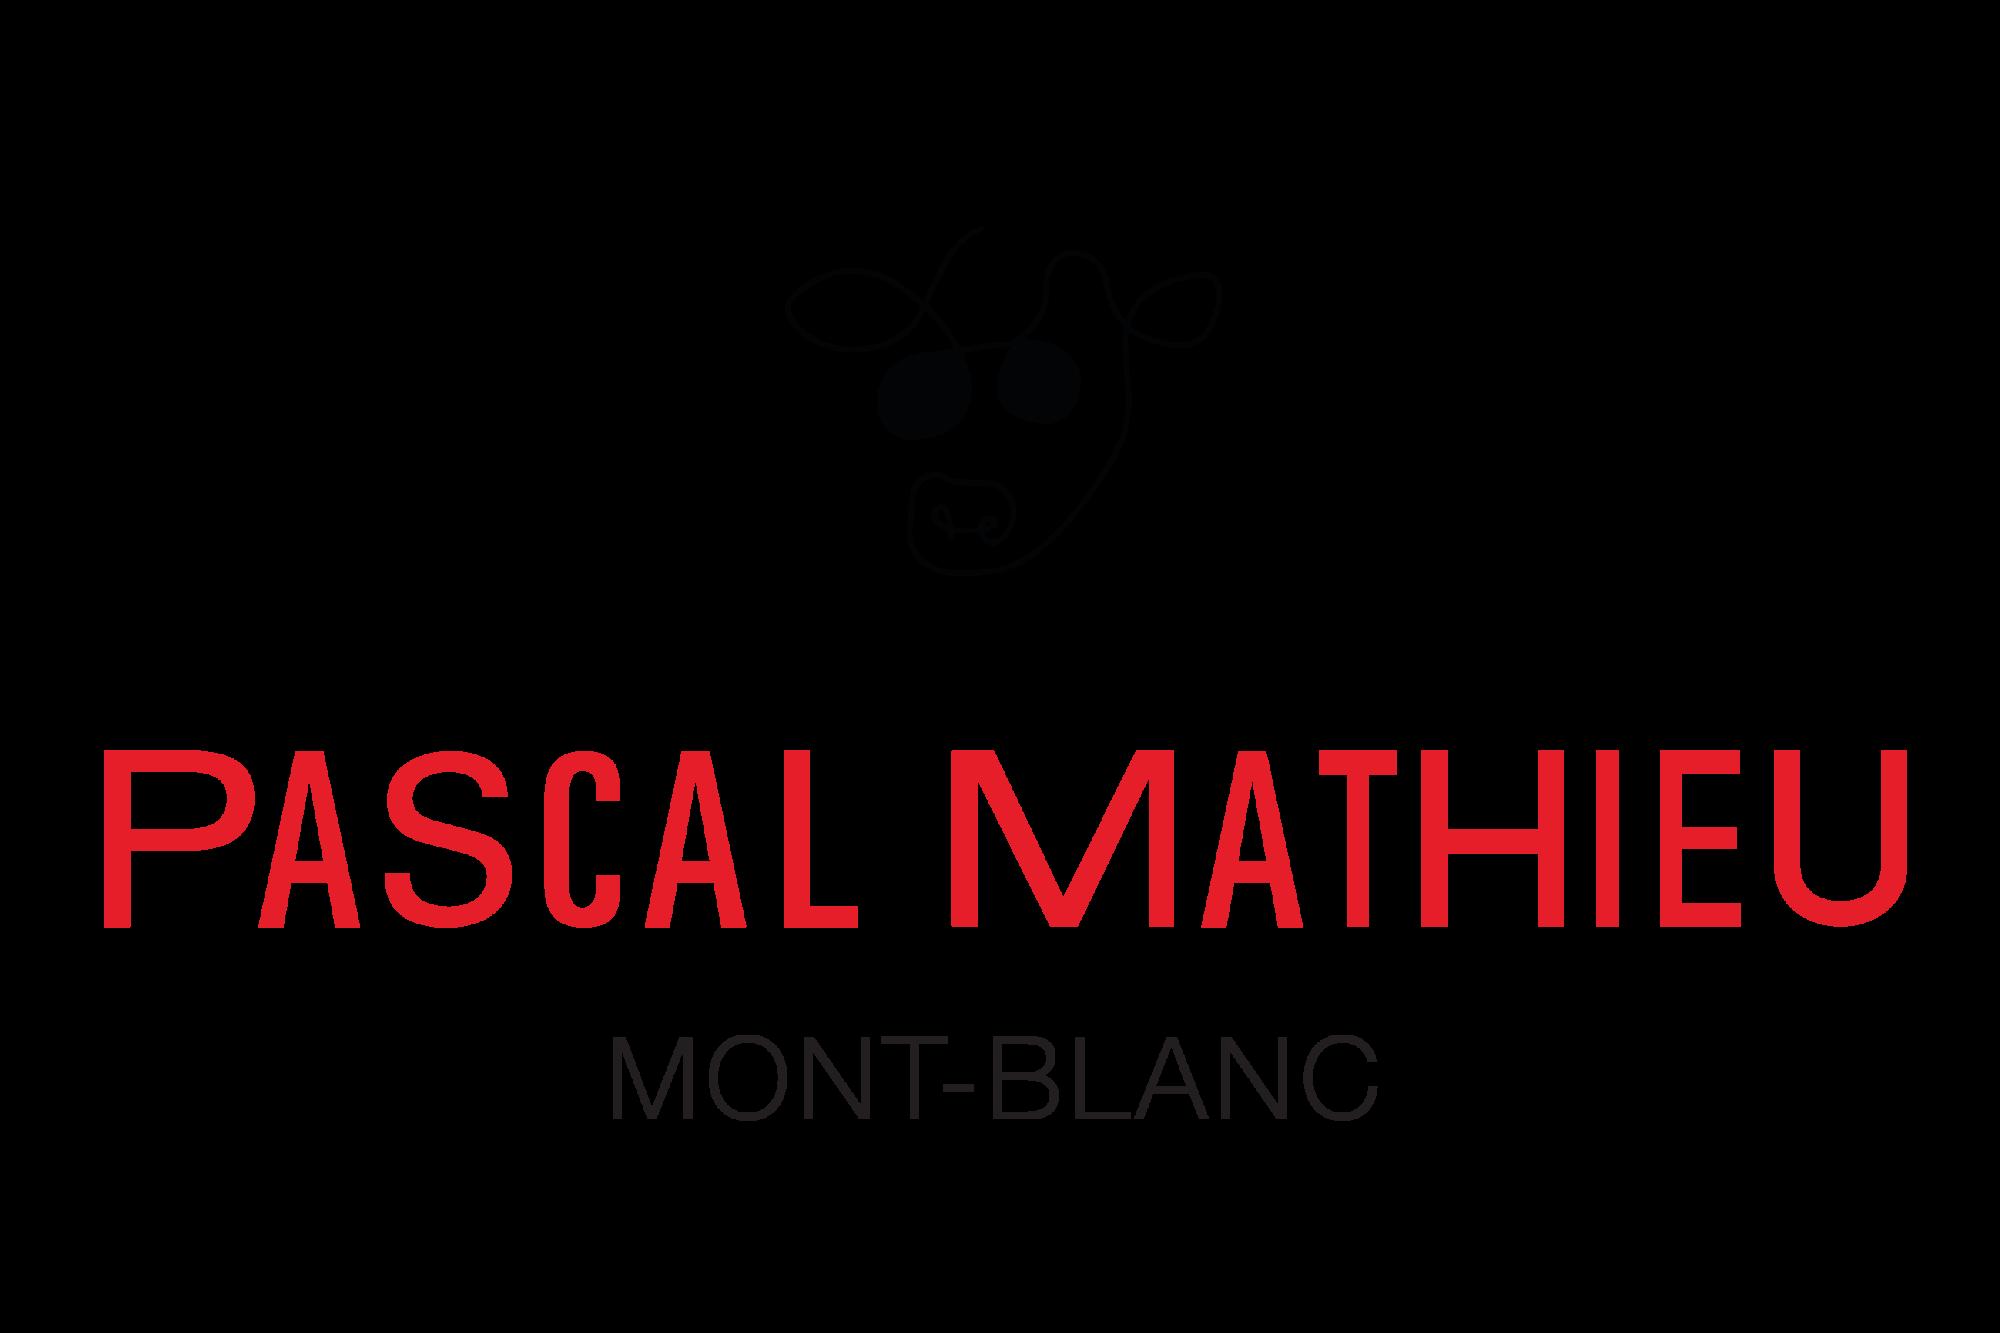 Pascal Mathieu Mont-Blanc